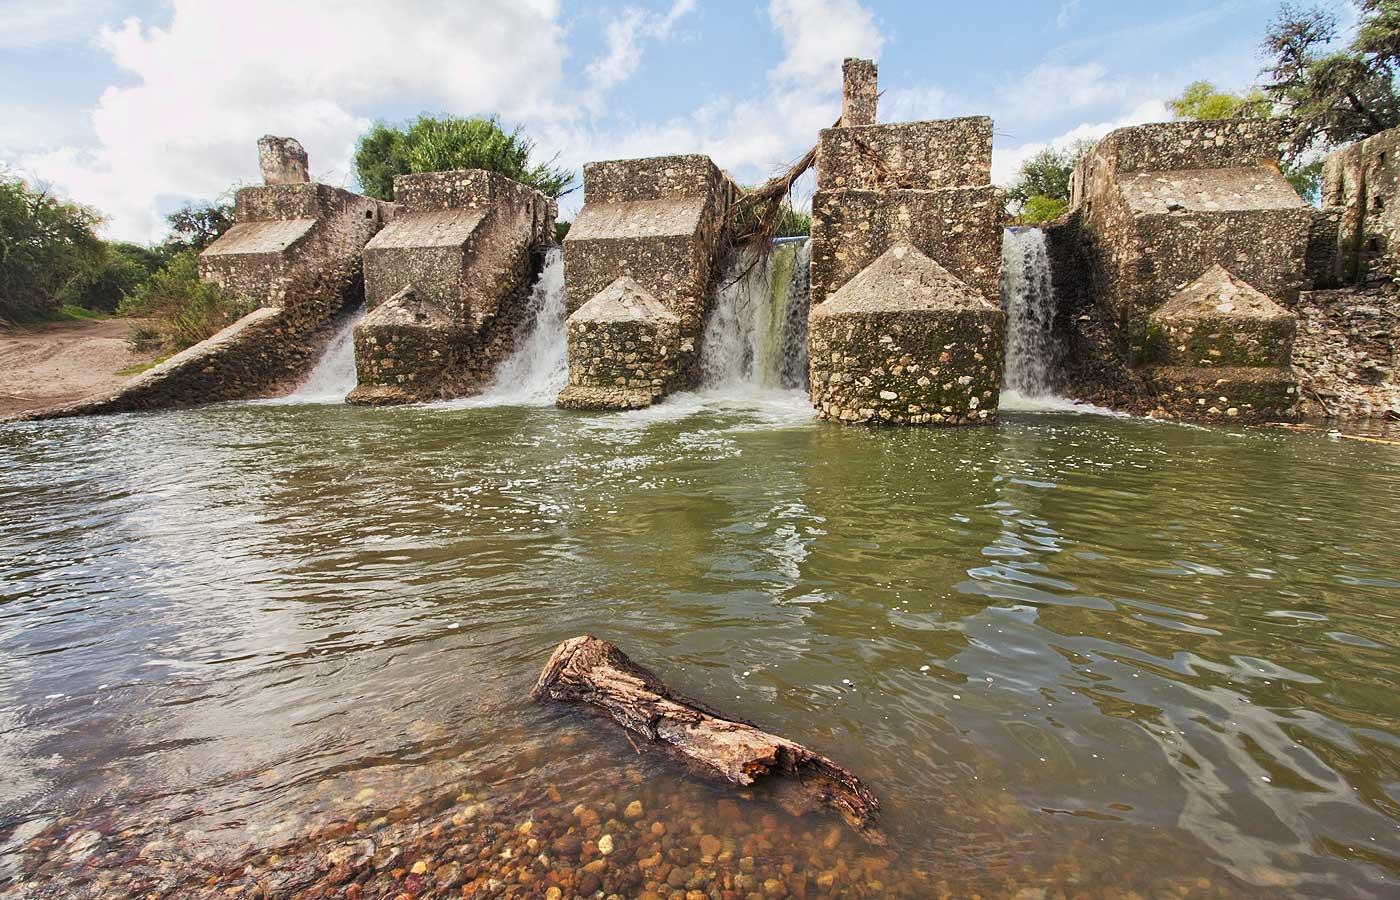 Los pueblos y comunidades indígenas son los mexicanos más vulnerados en el derecho y acceso al agua. (Guanajuato)